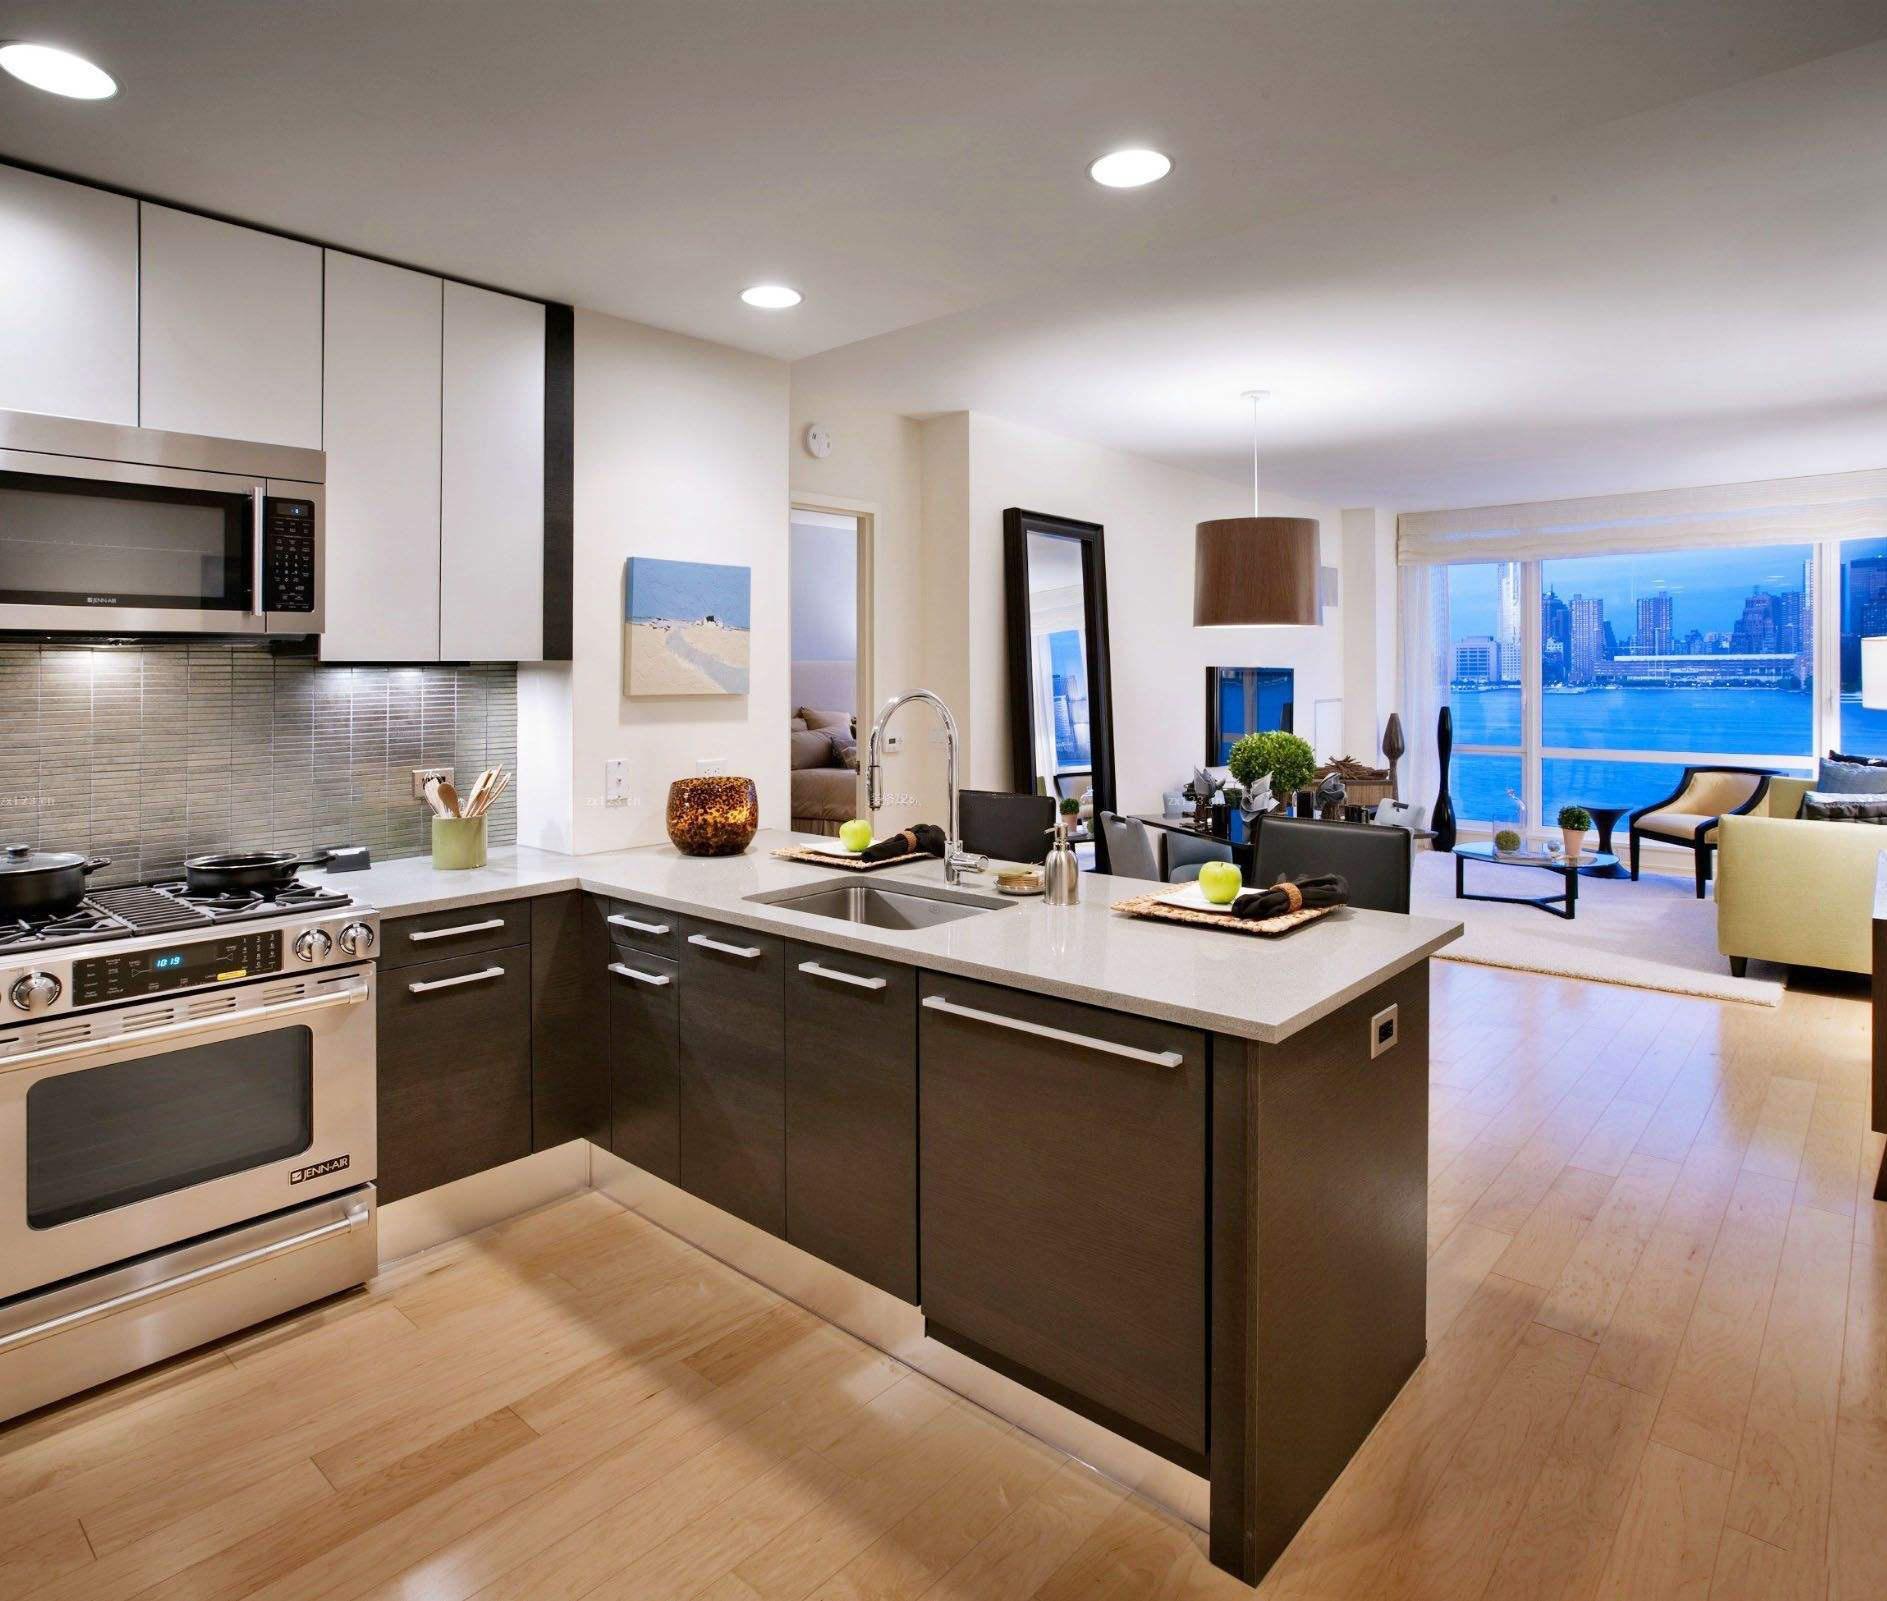 客厅做西式开放厨房装修效果图